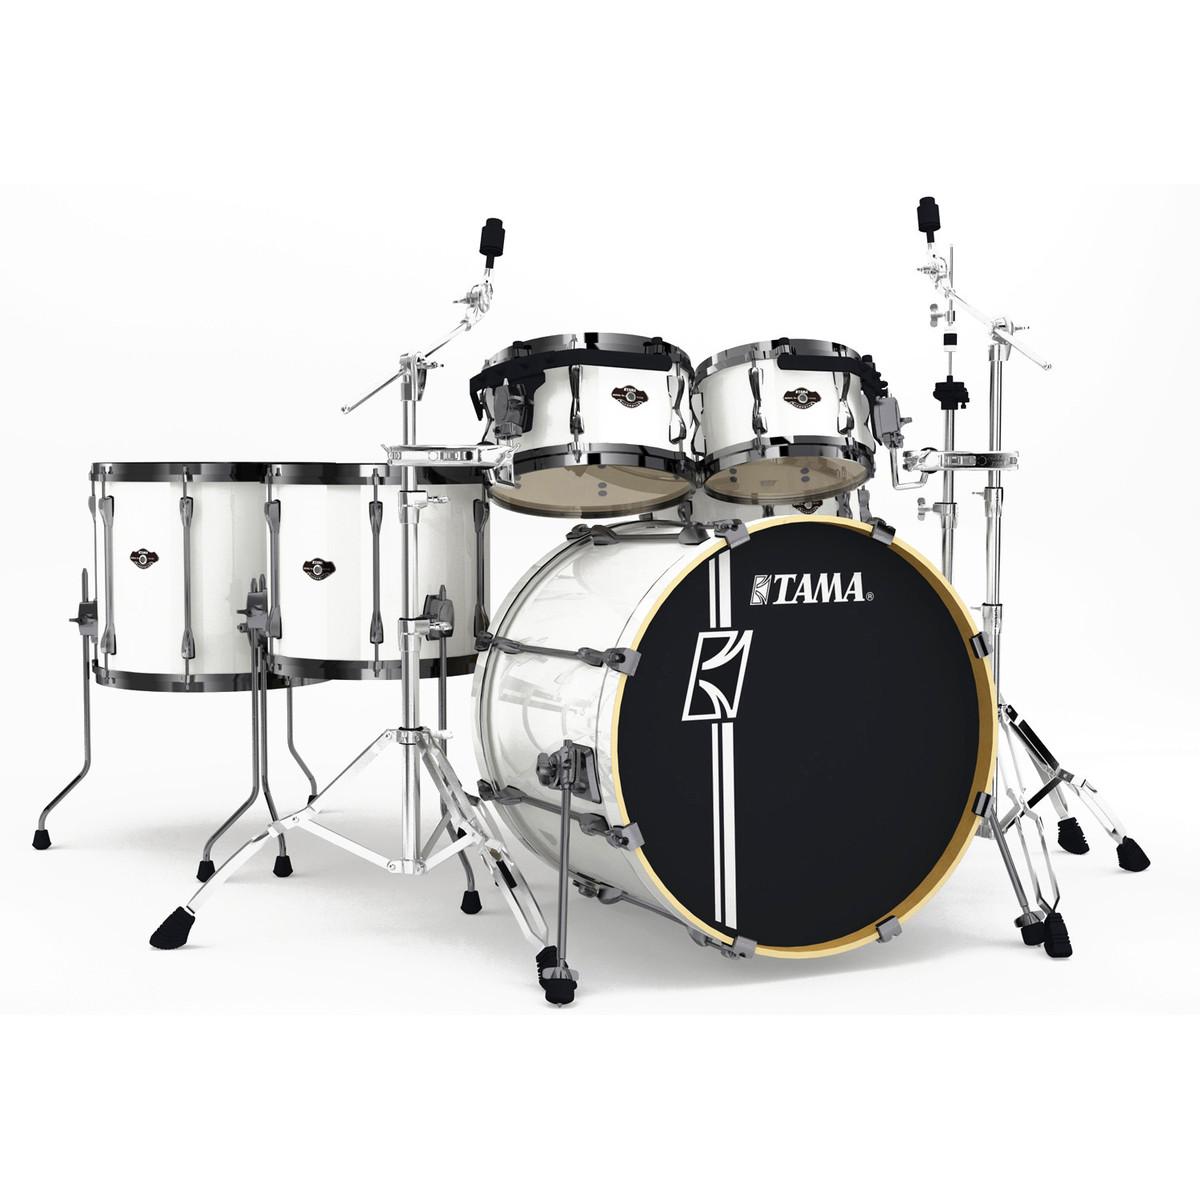 Tama Superstar Hyper-Drive 22'' 6 Piece Drum Kit, Sugar White